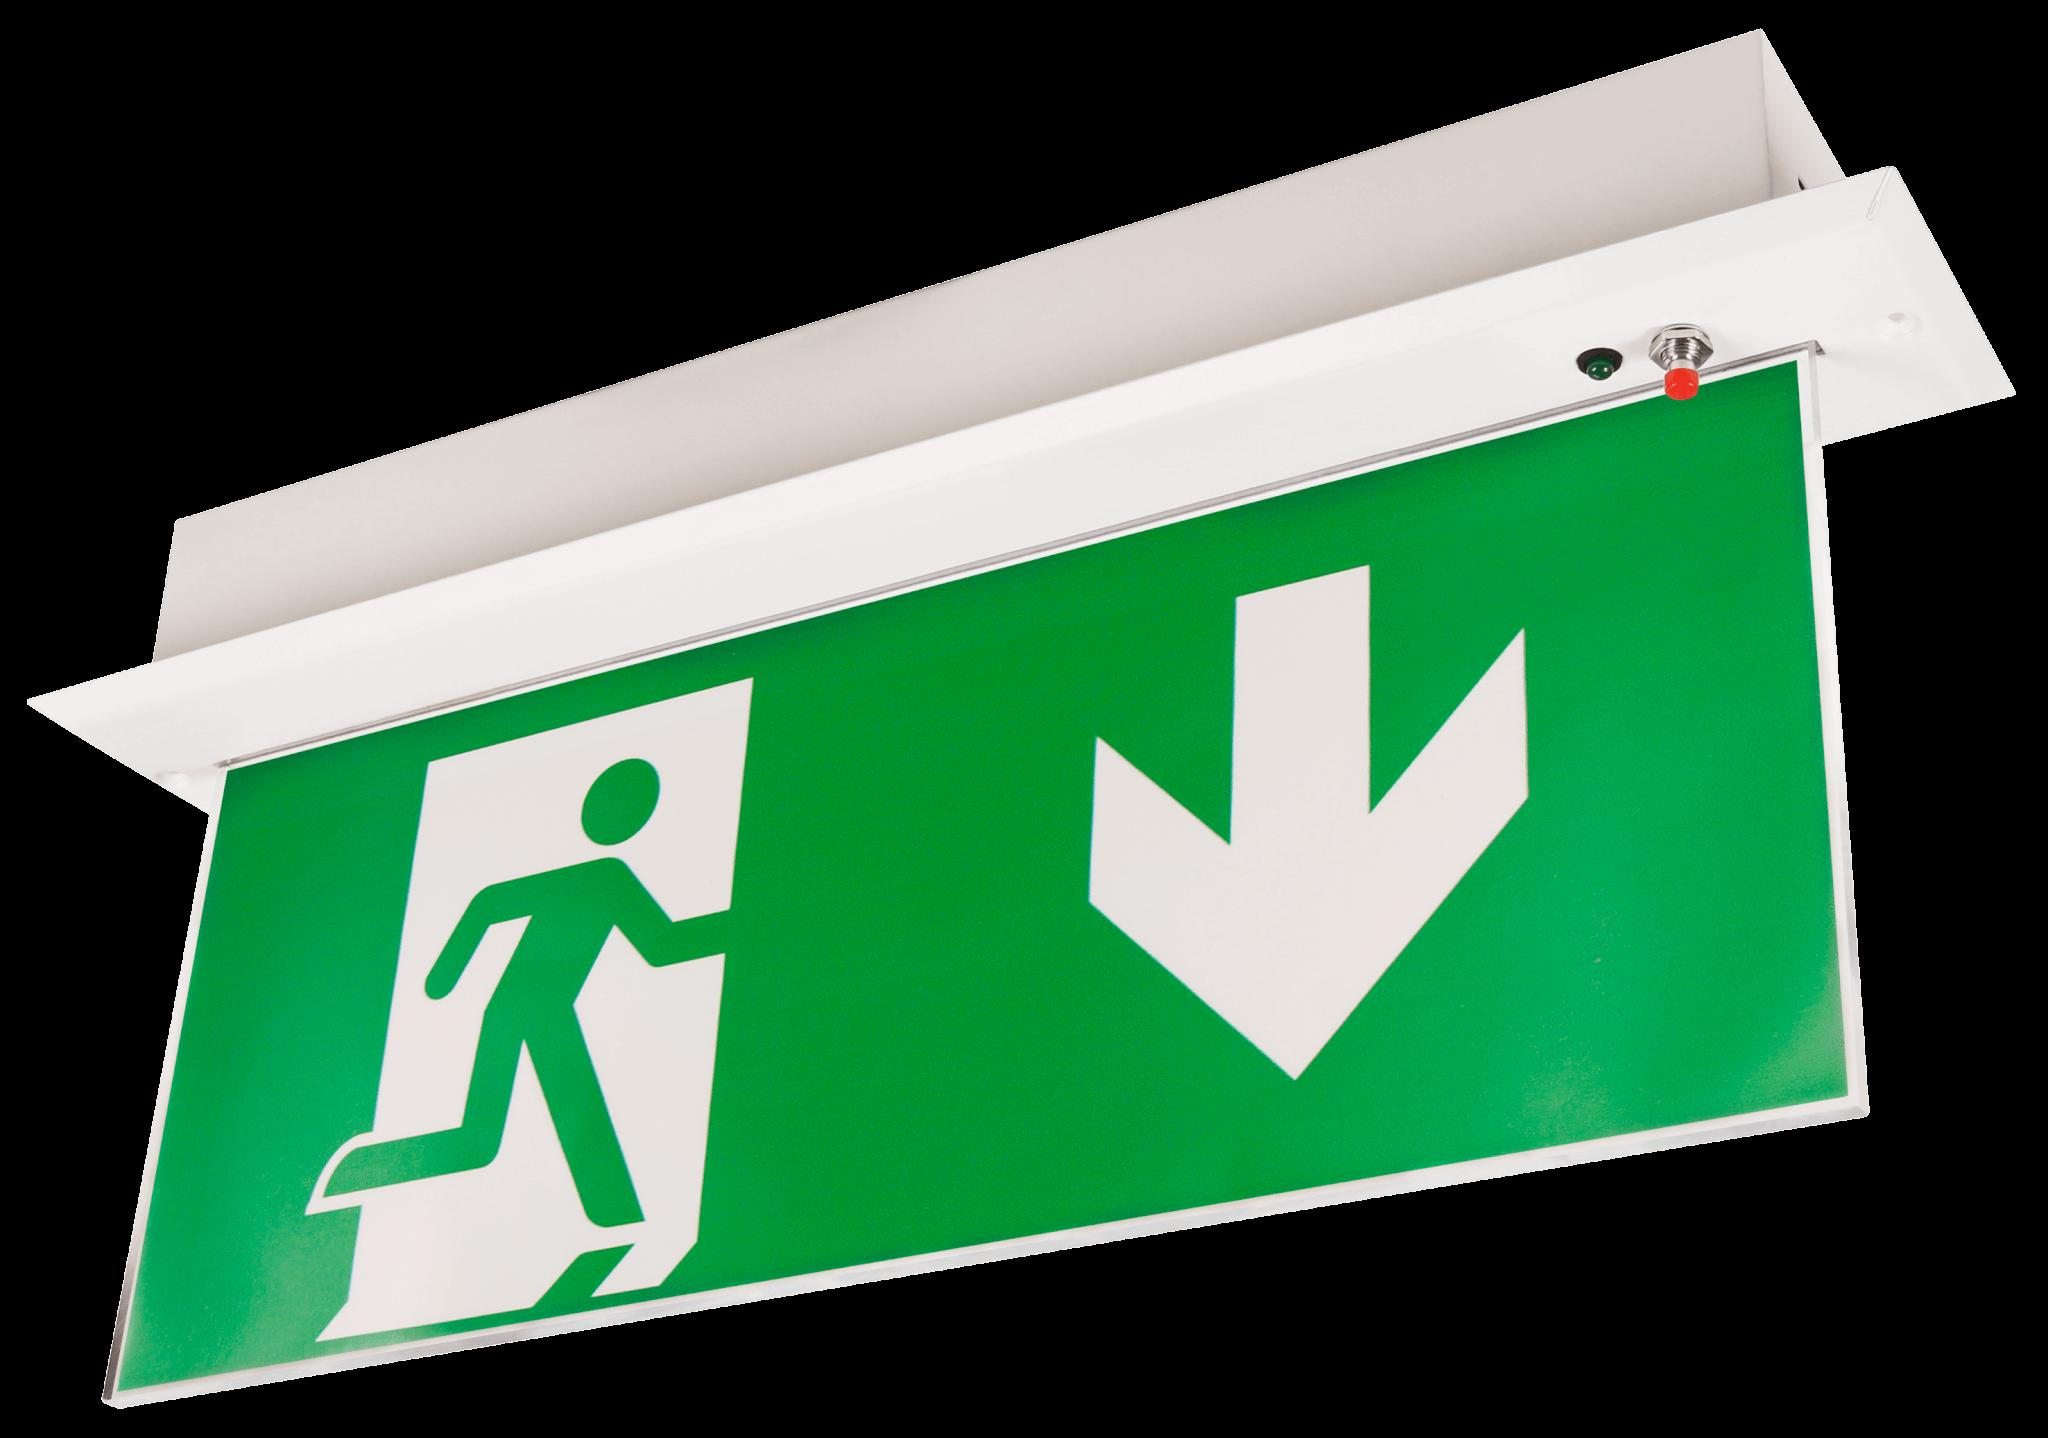 LED-Fluchtwegleuchte-McShine-FL-250-Deckenmontag_2